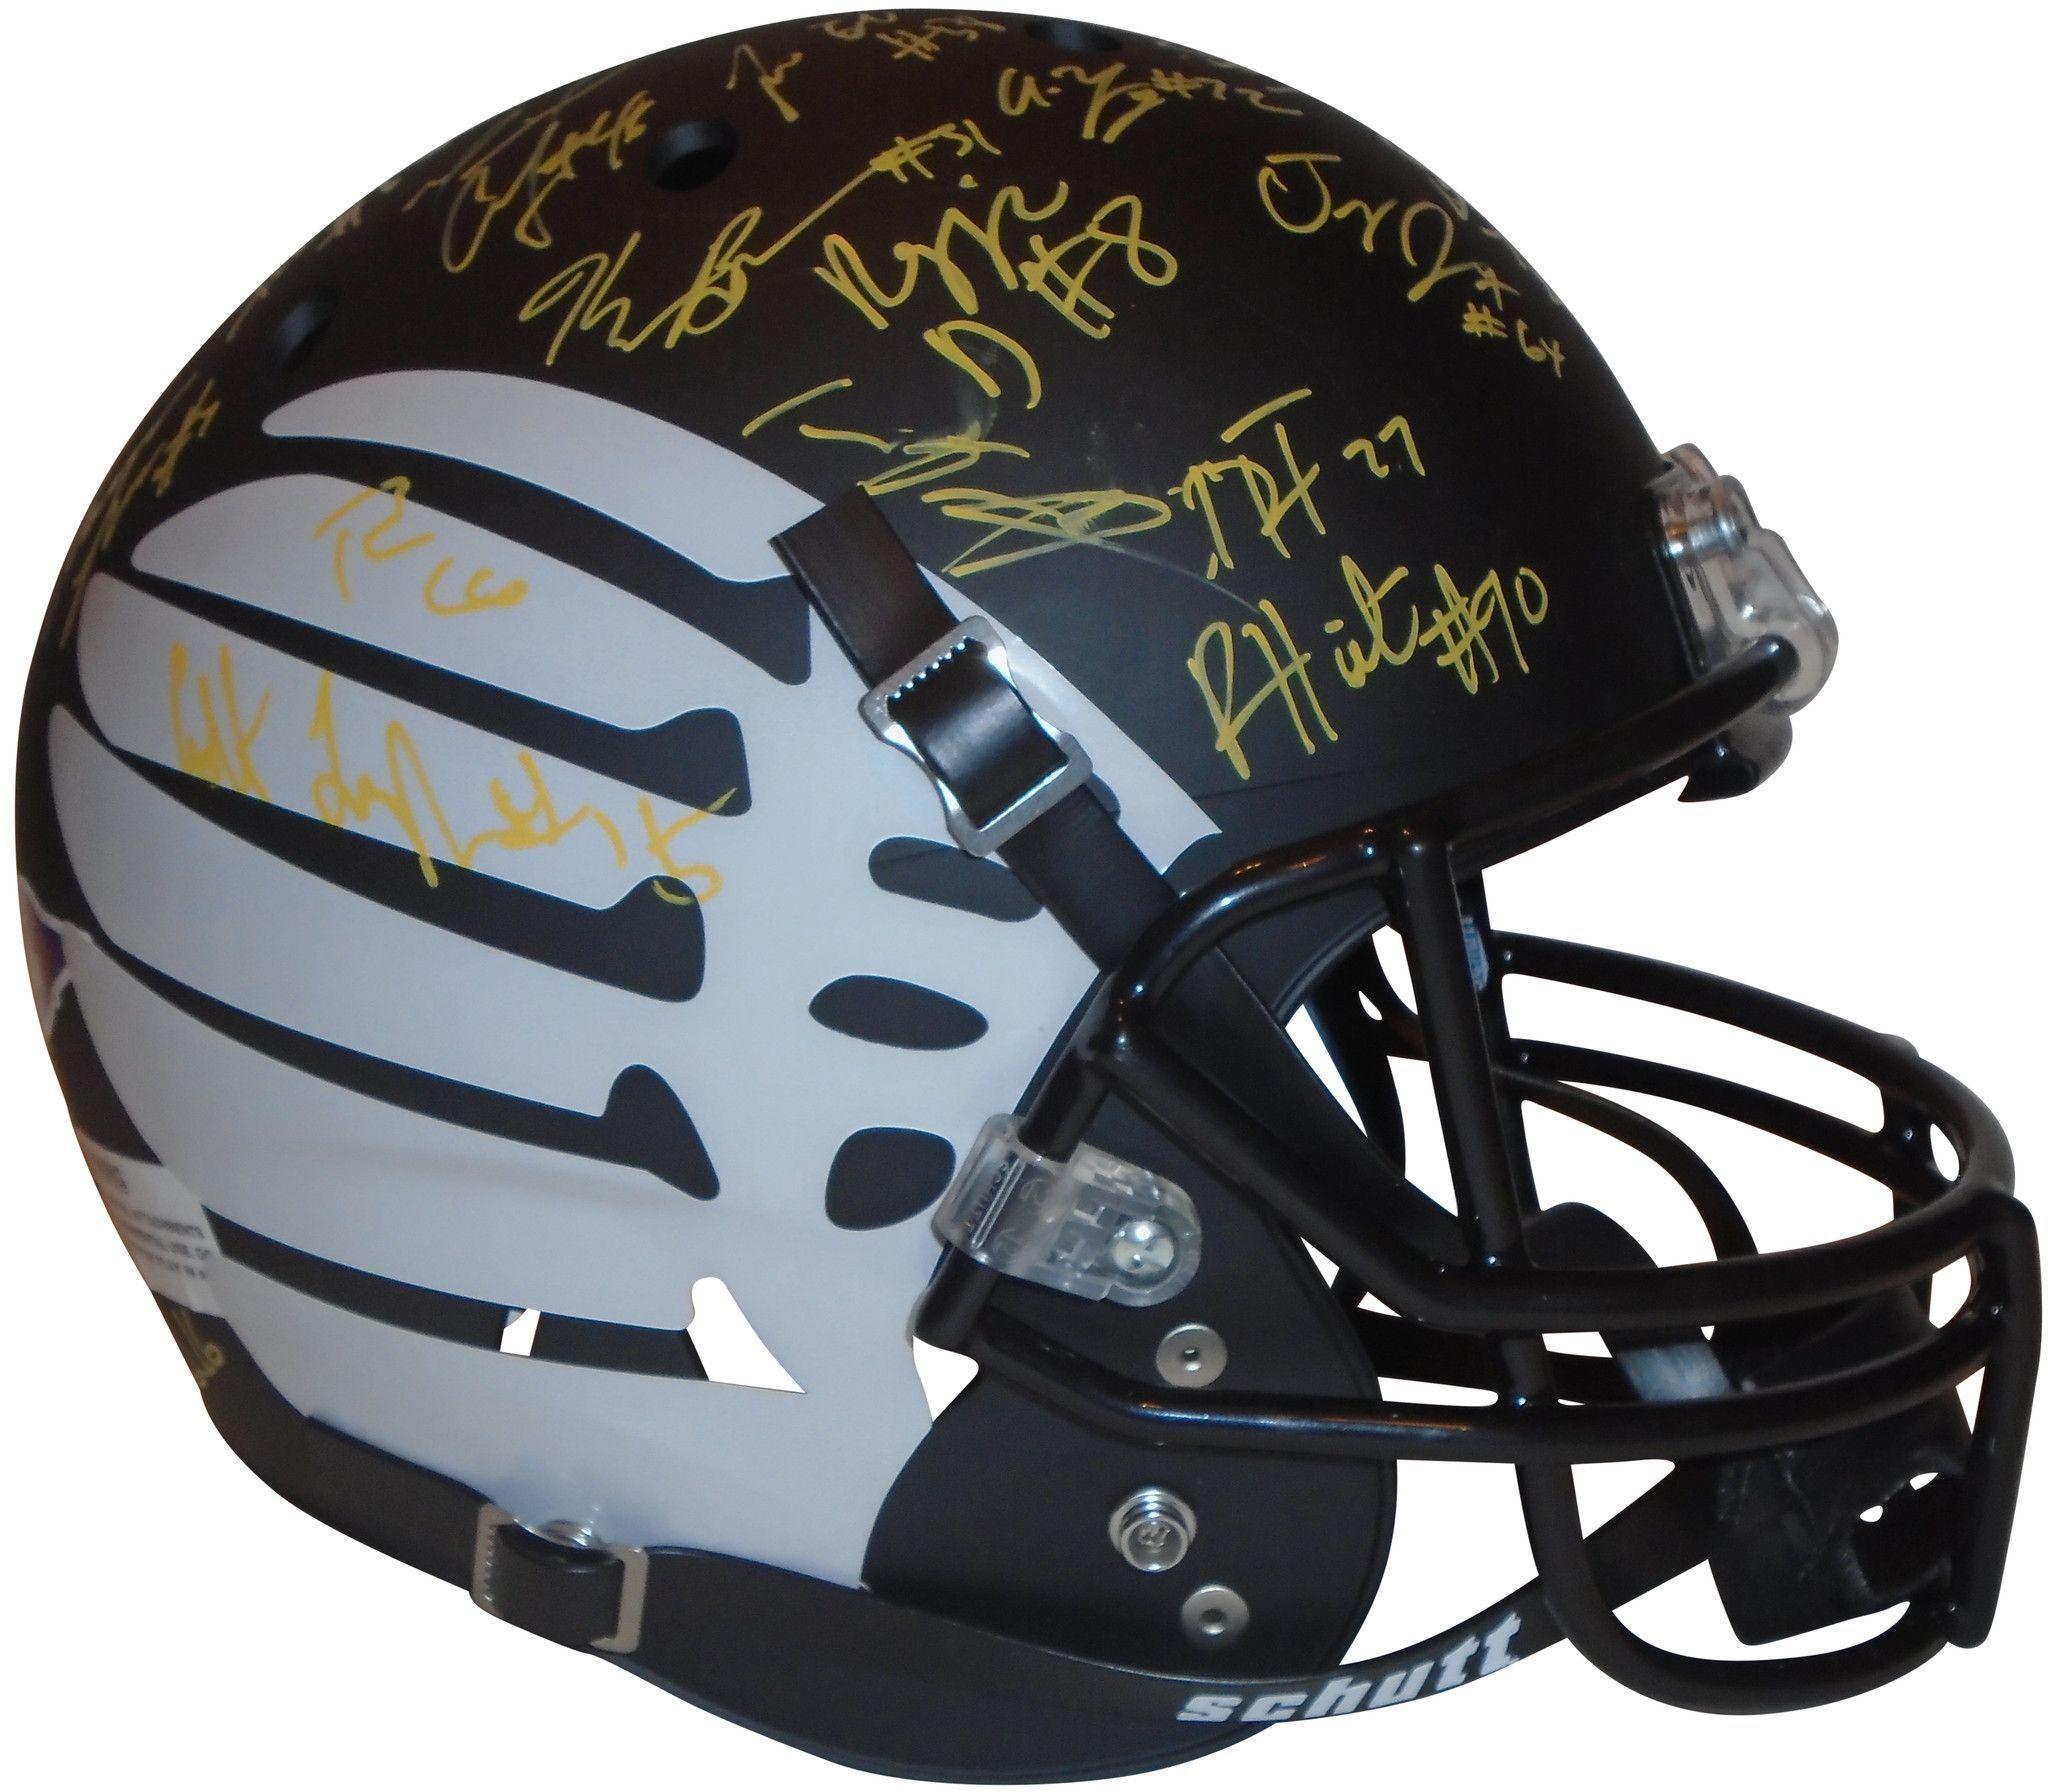 speedflex football helmet white